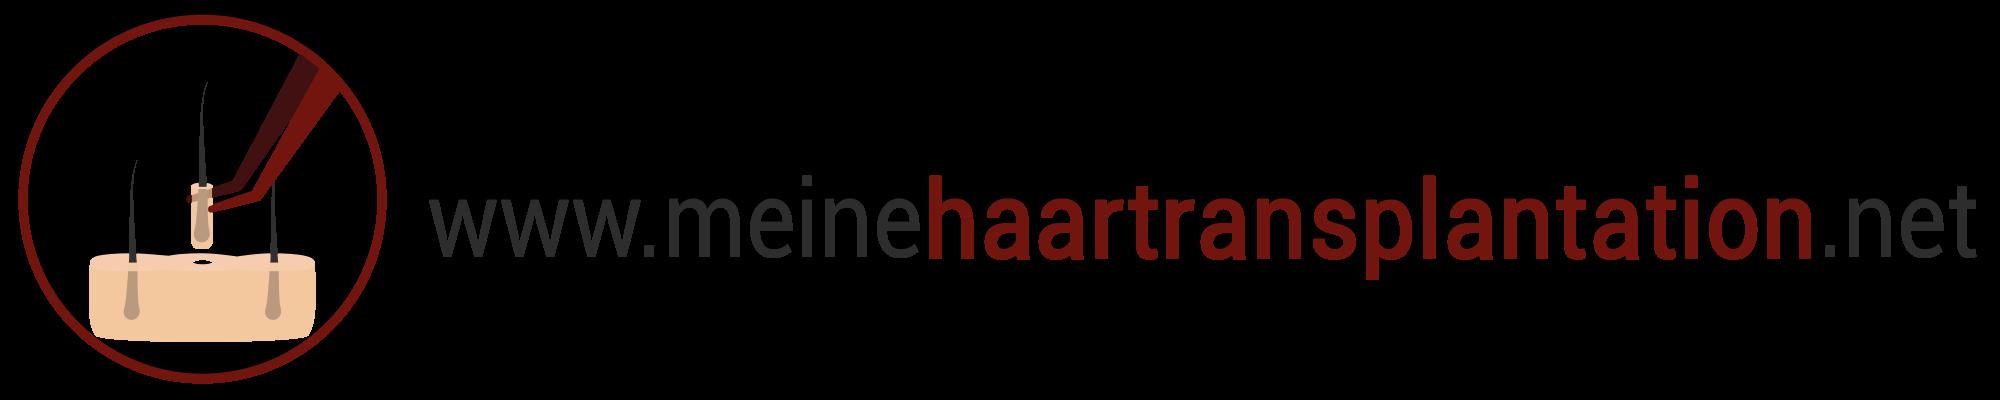 www.meinehaartransplantation.net